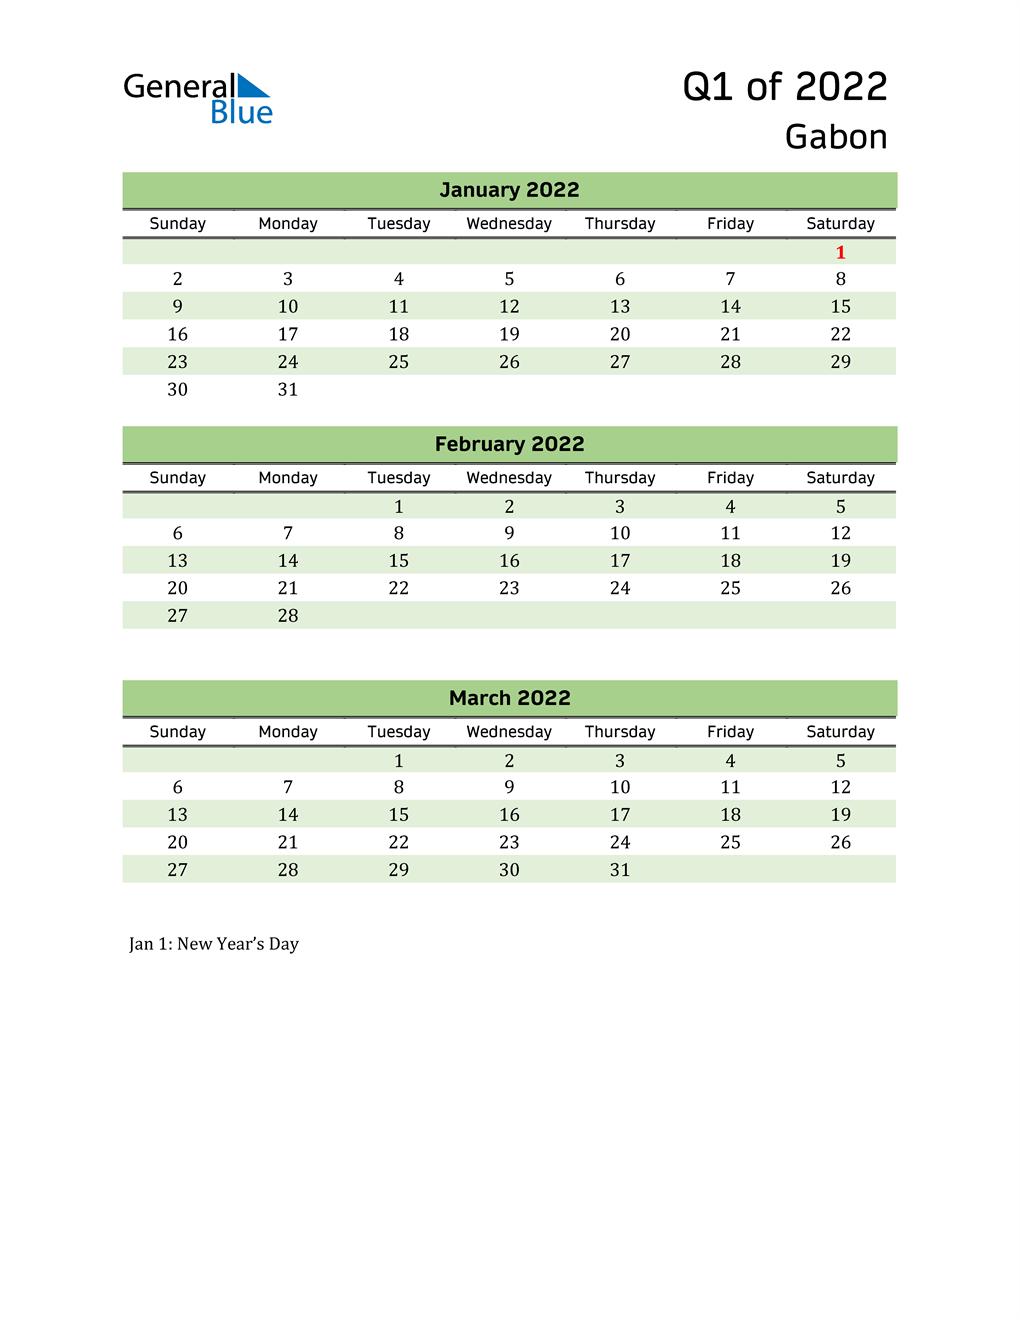 Quarterly Calendar 2022 with Gabon Holidays